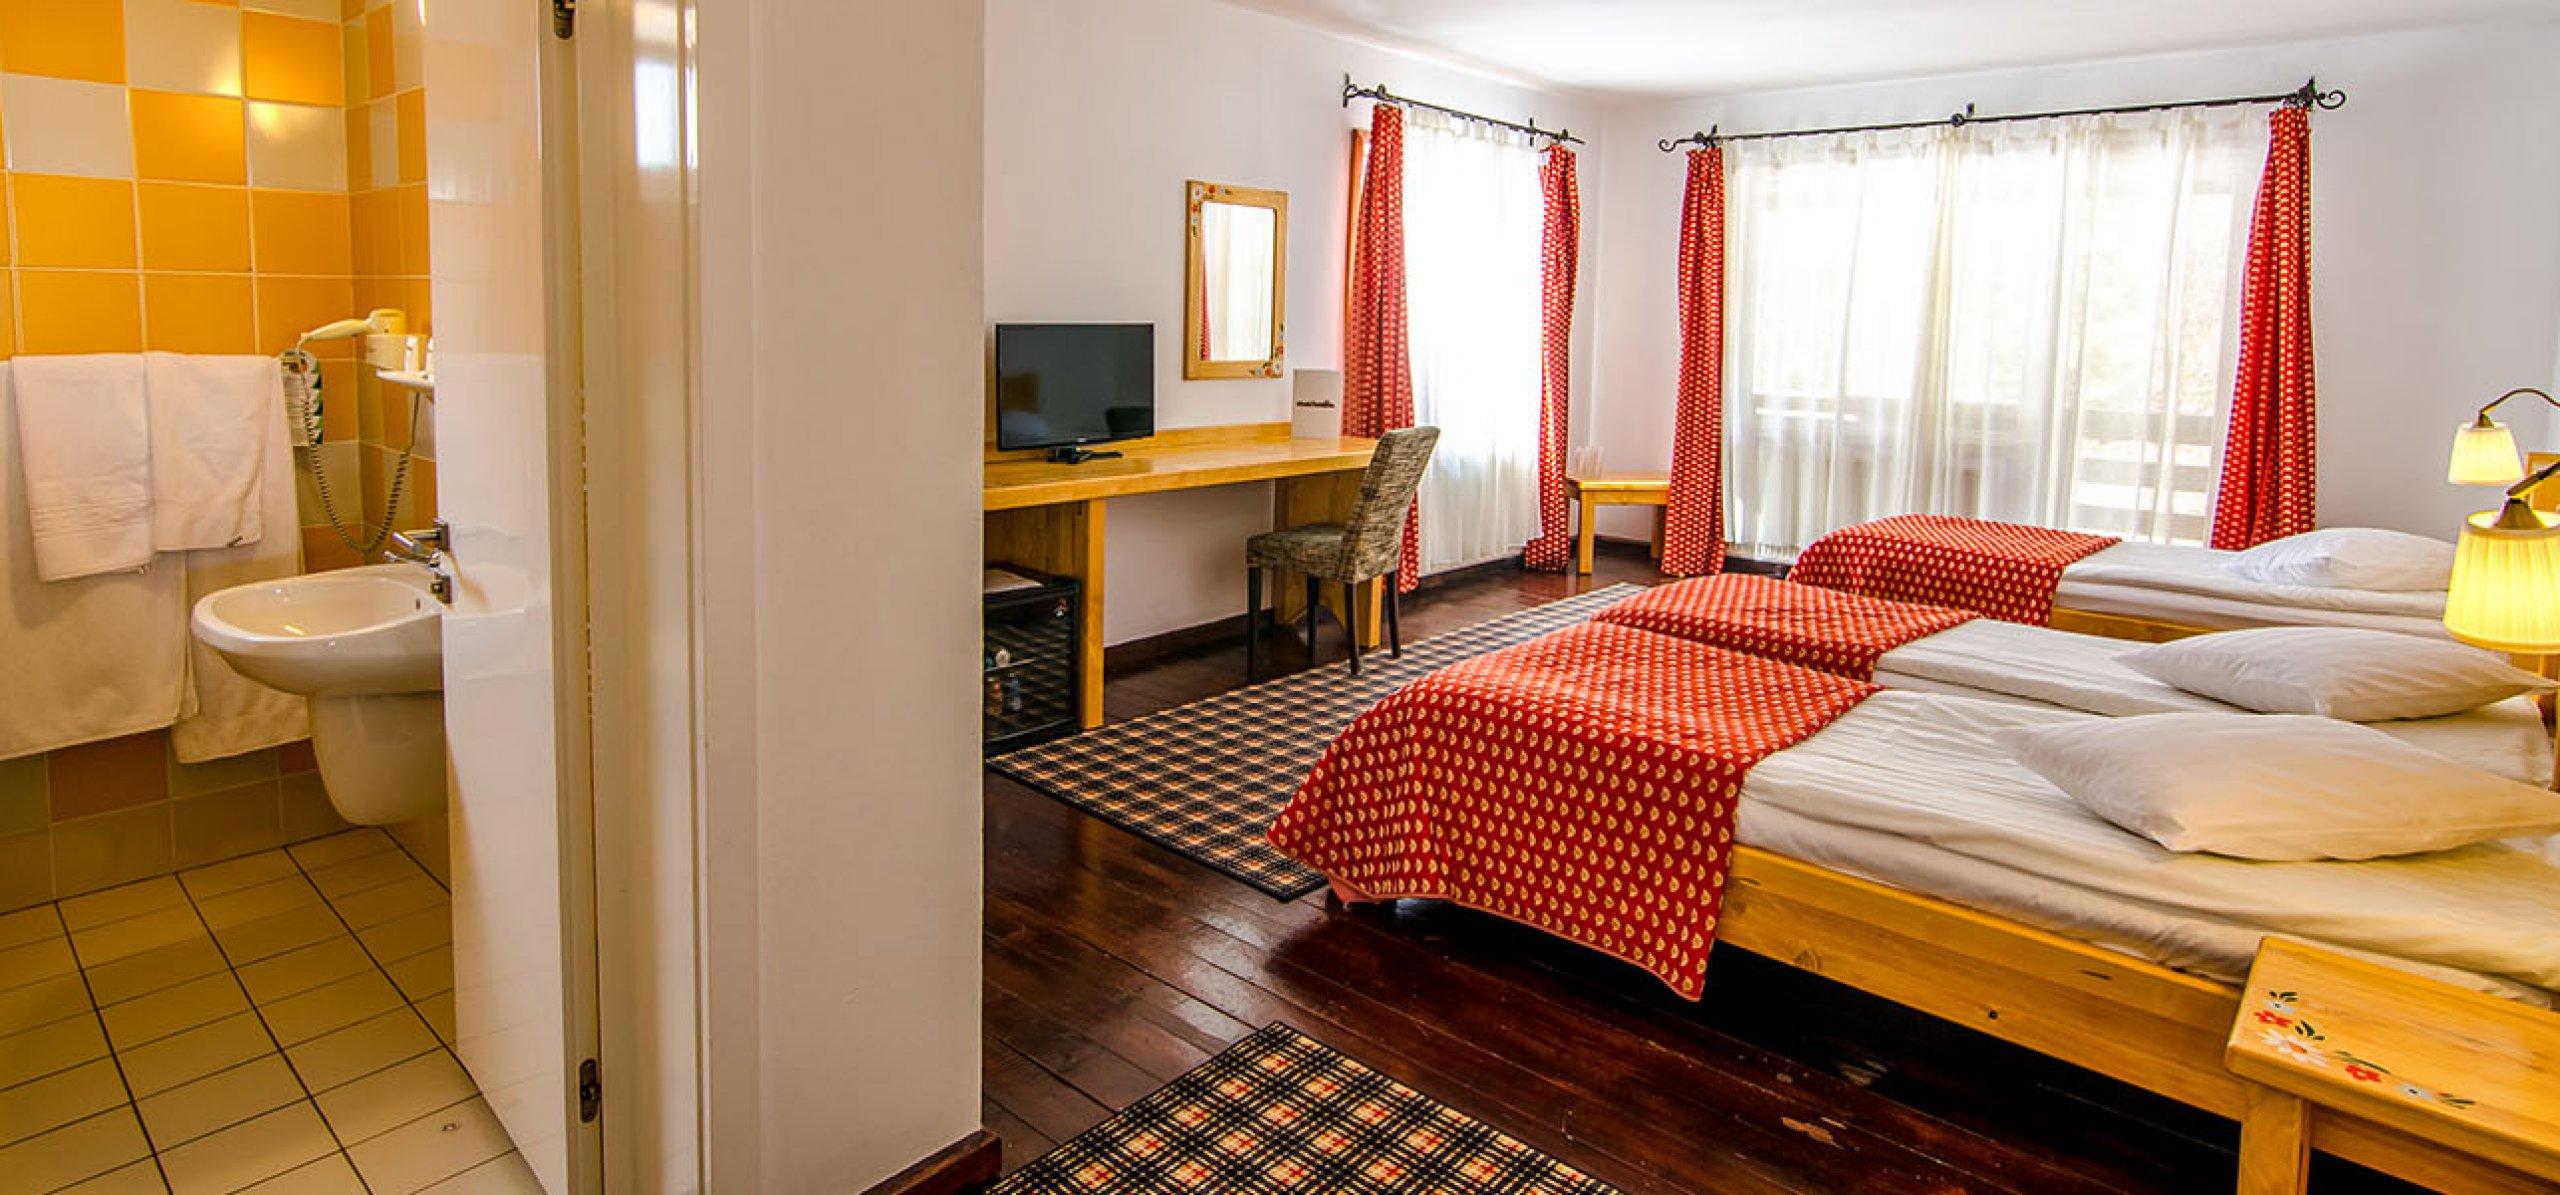 camera-tripla-hotel-cheia-hoteluri-moeciu-2